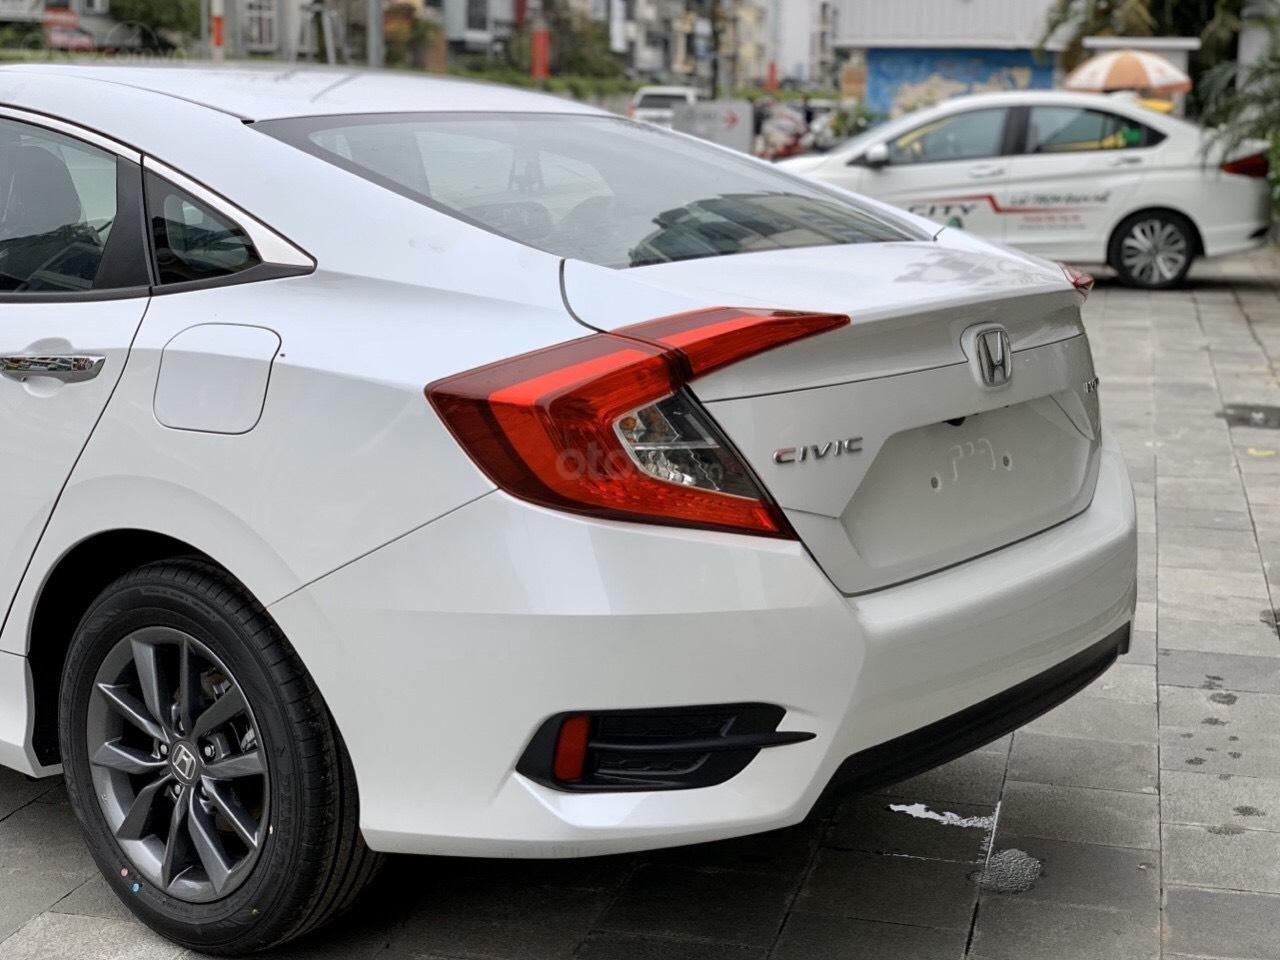 Siêu khuyến mãi Honda Civic 2020 nhập khẩu, khuyến mại 80 triệu tiền mặt, phụ kiện (2)